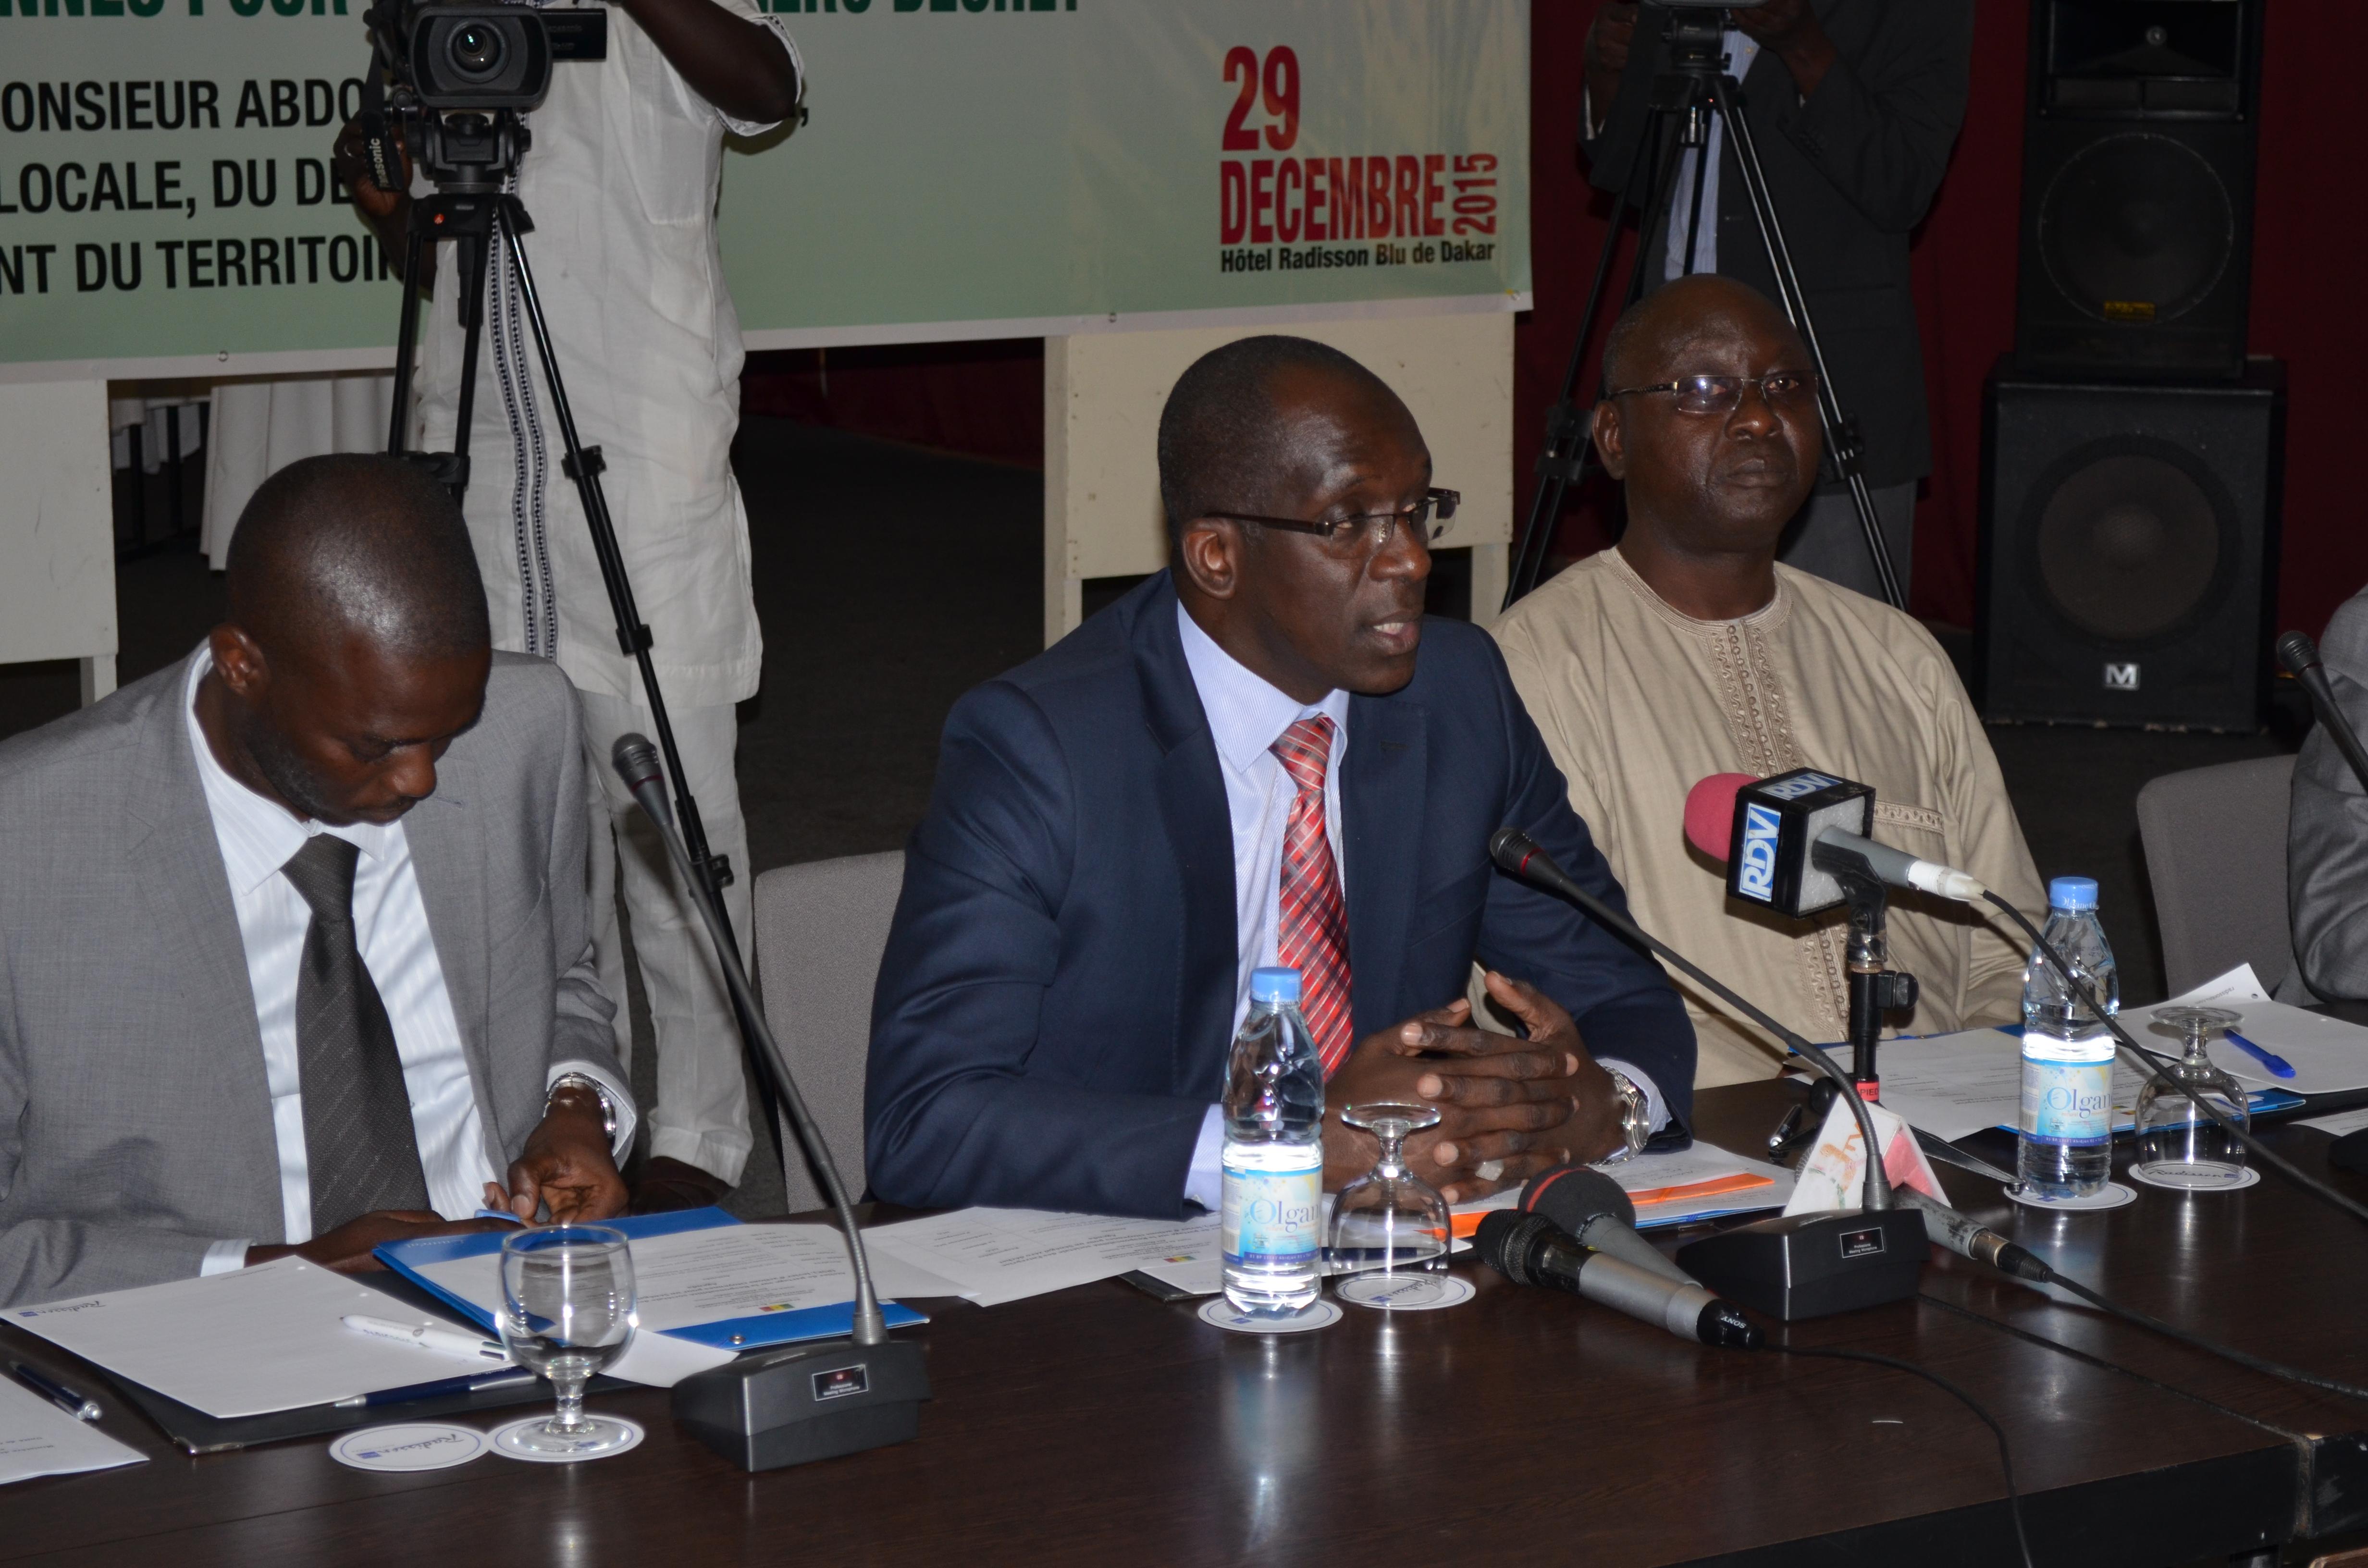 Gestion des déchets : Diouf Sarr appelle le secteur privé à soutenir l'initiative « Entreprise zéro déchet »